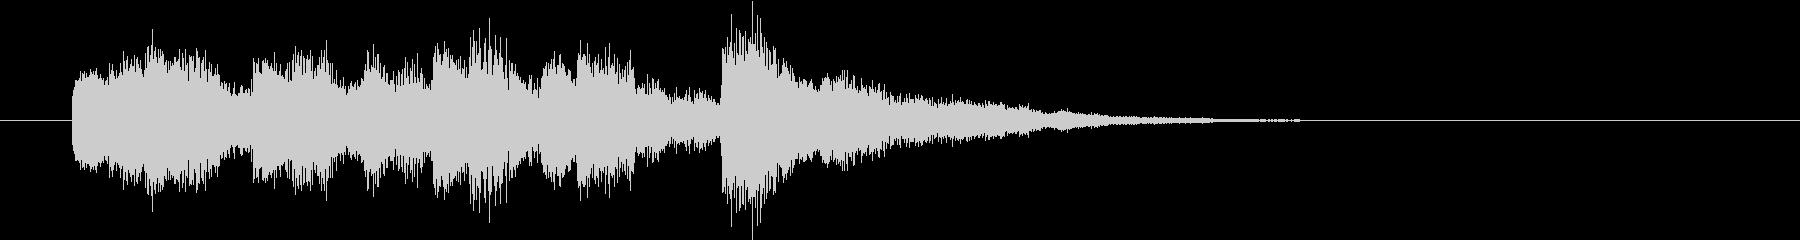 ニュース2 CM前後転換ジングル 発車音の未再生の波形